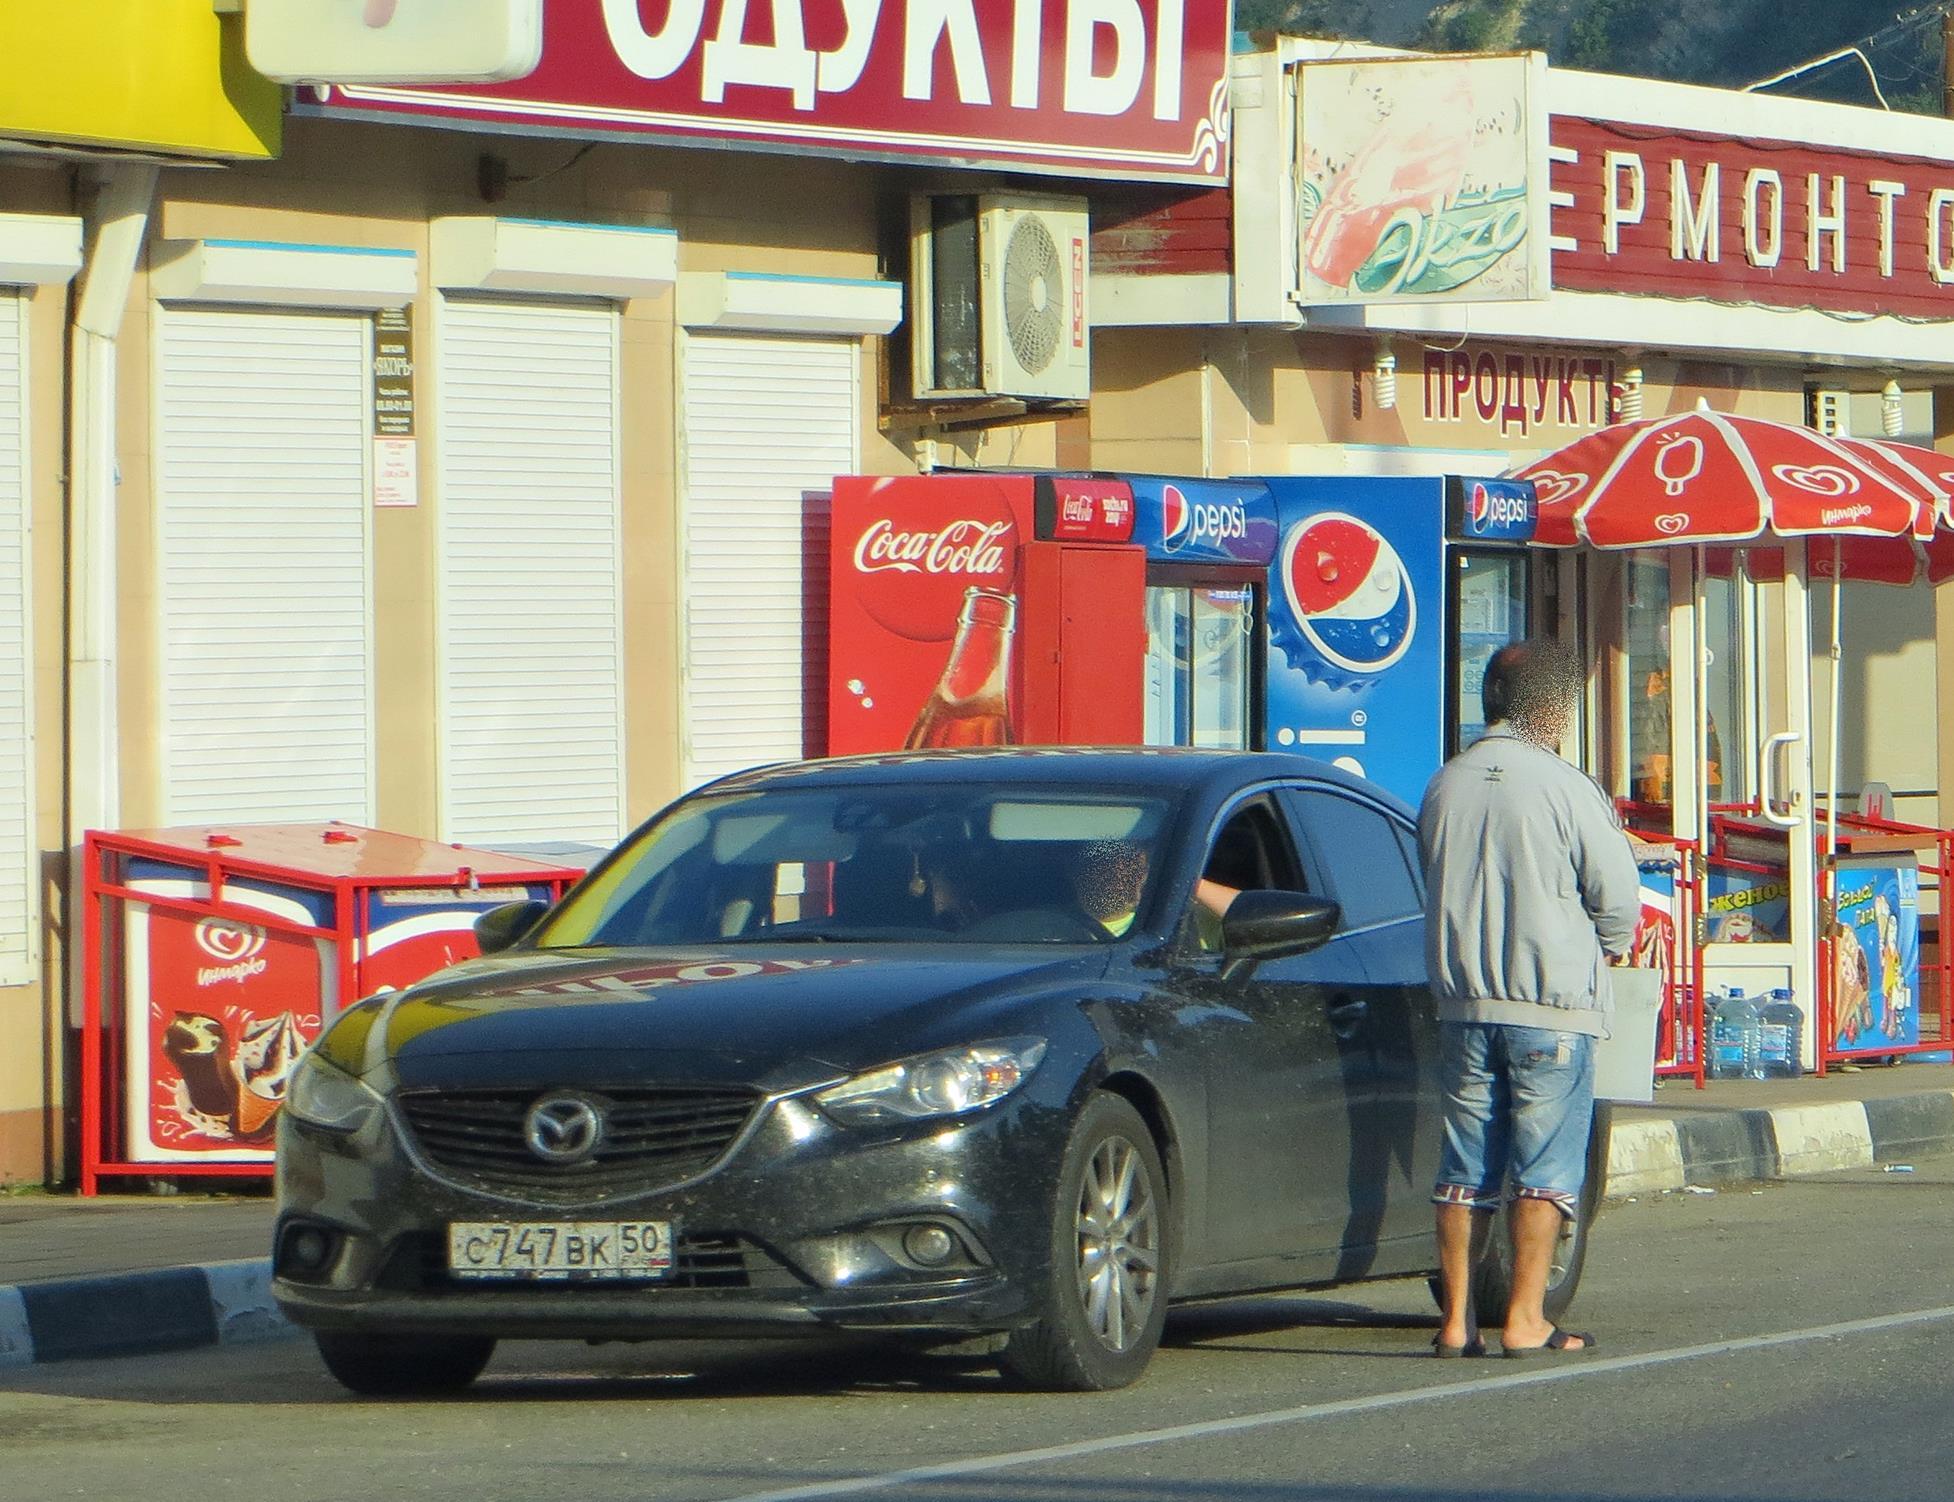 Проверка по номеру авто залог штрафы автосалоны lexus в москве адрес